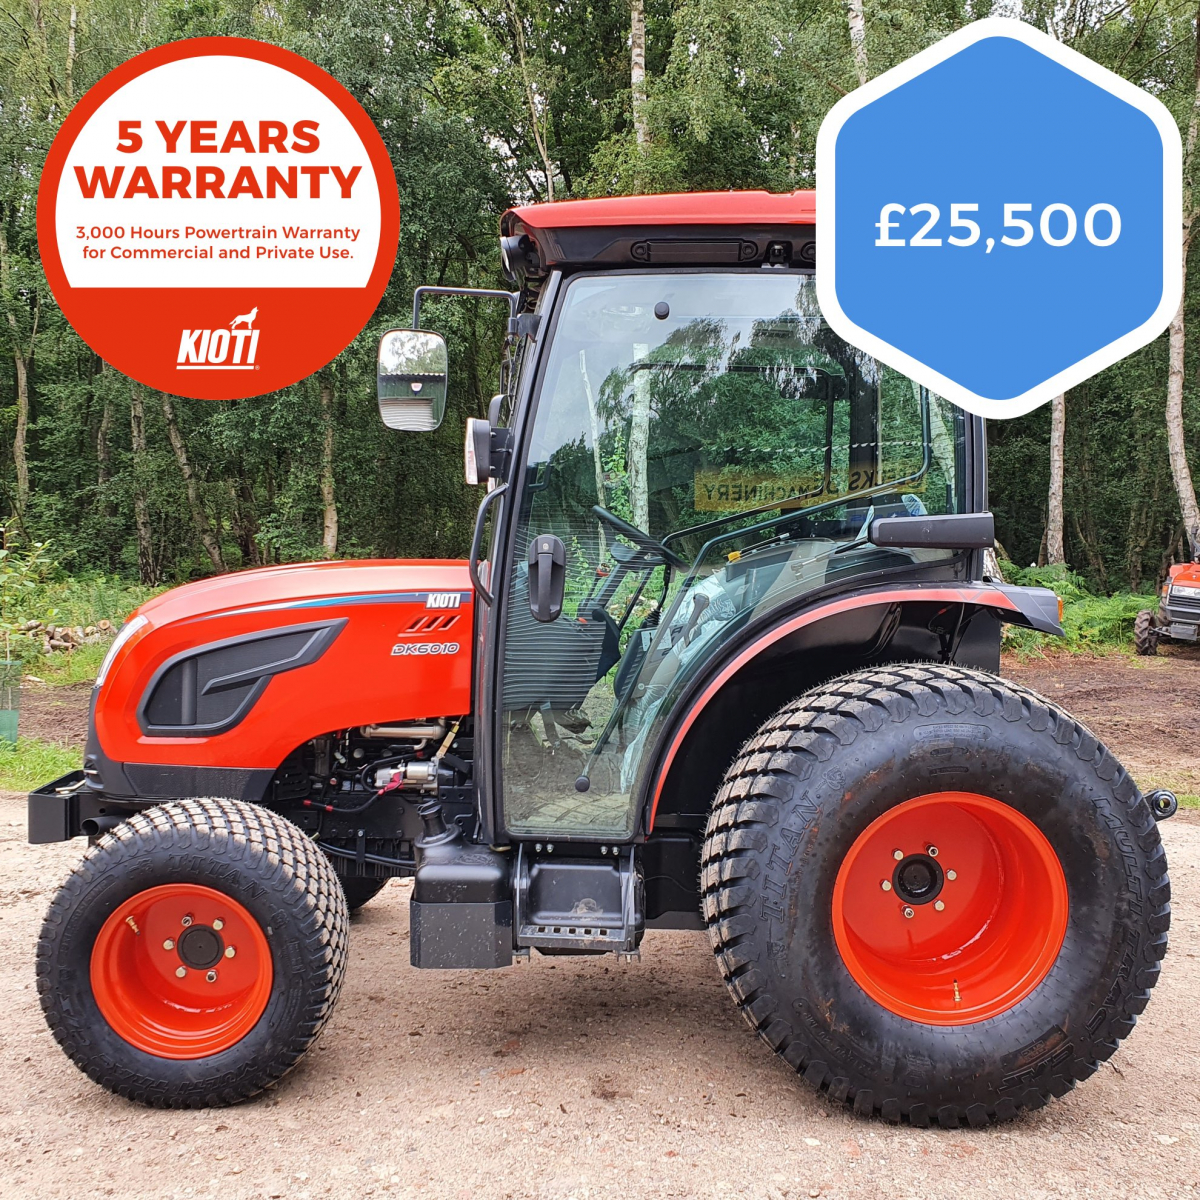 Kioti DK6010CH Turf Tractor (Brand New)